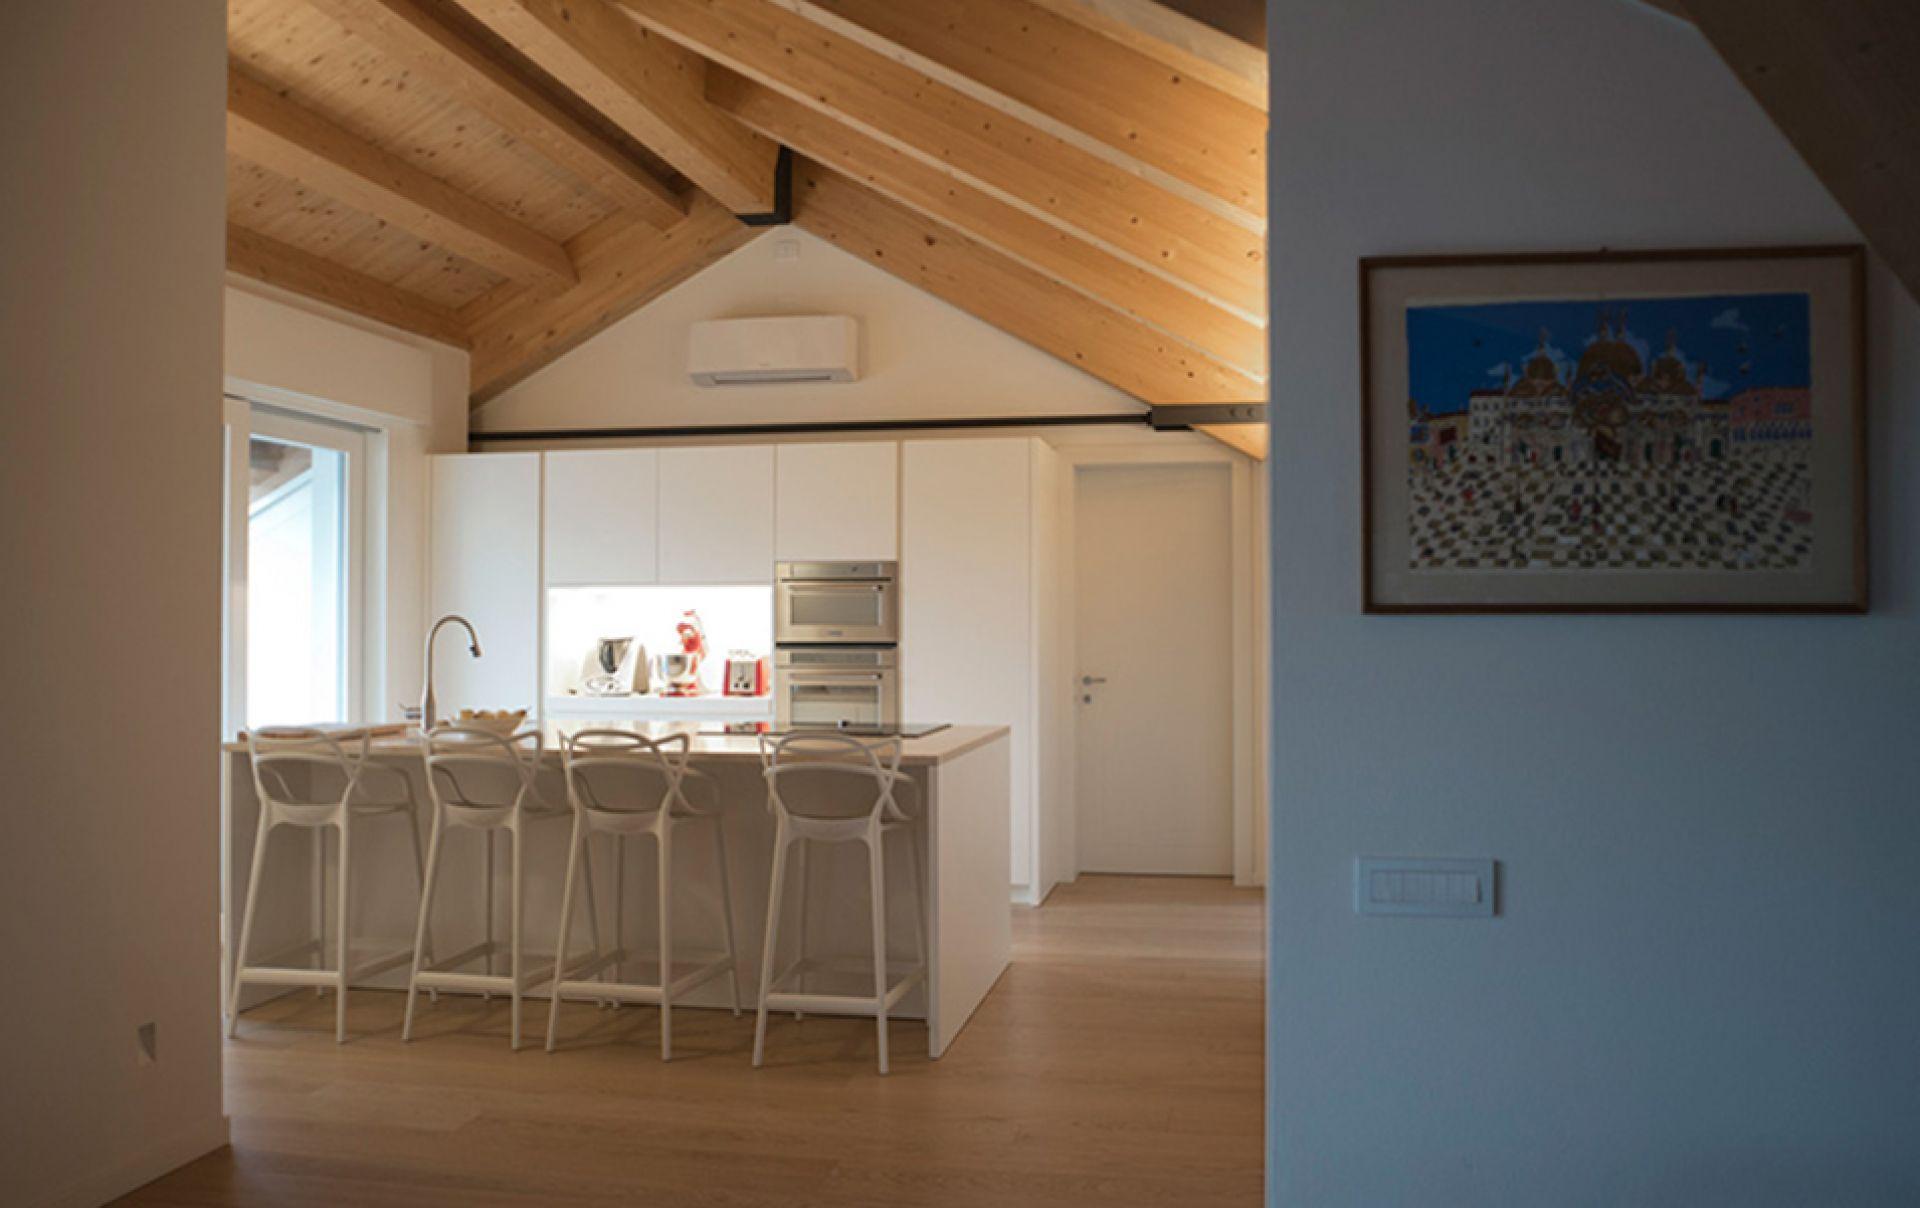 arredamento cucine Vimercate | ABC Interni